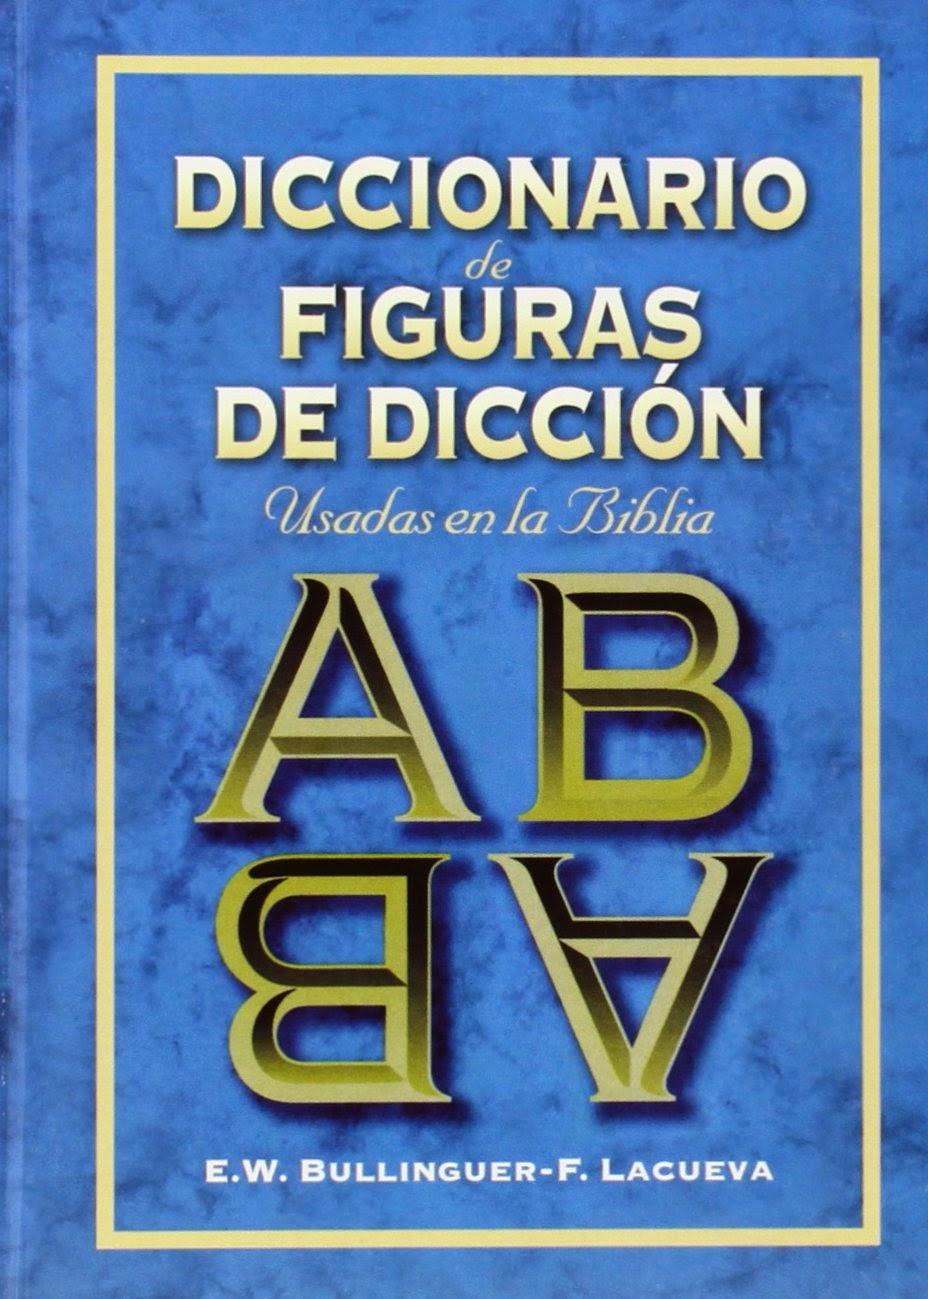 E. W. Bullinger y F. Lacueva-Diccionario De Figuras De Dicción Usadas En La Biblia-